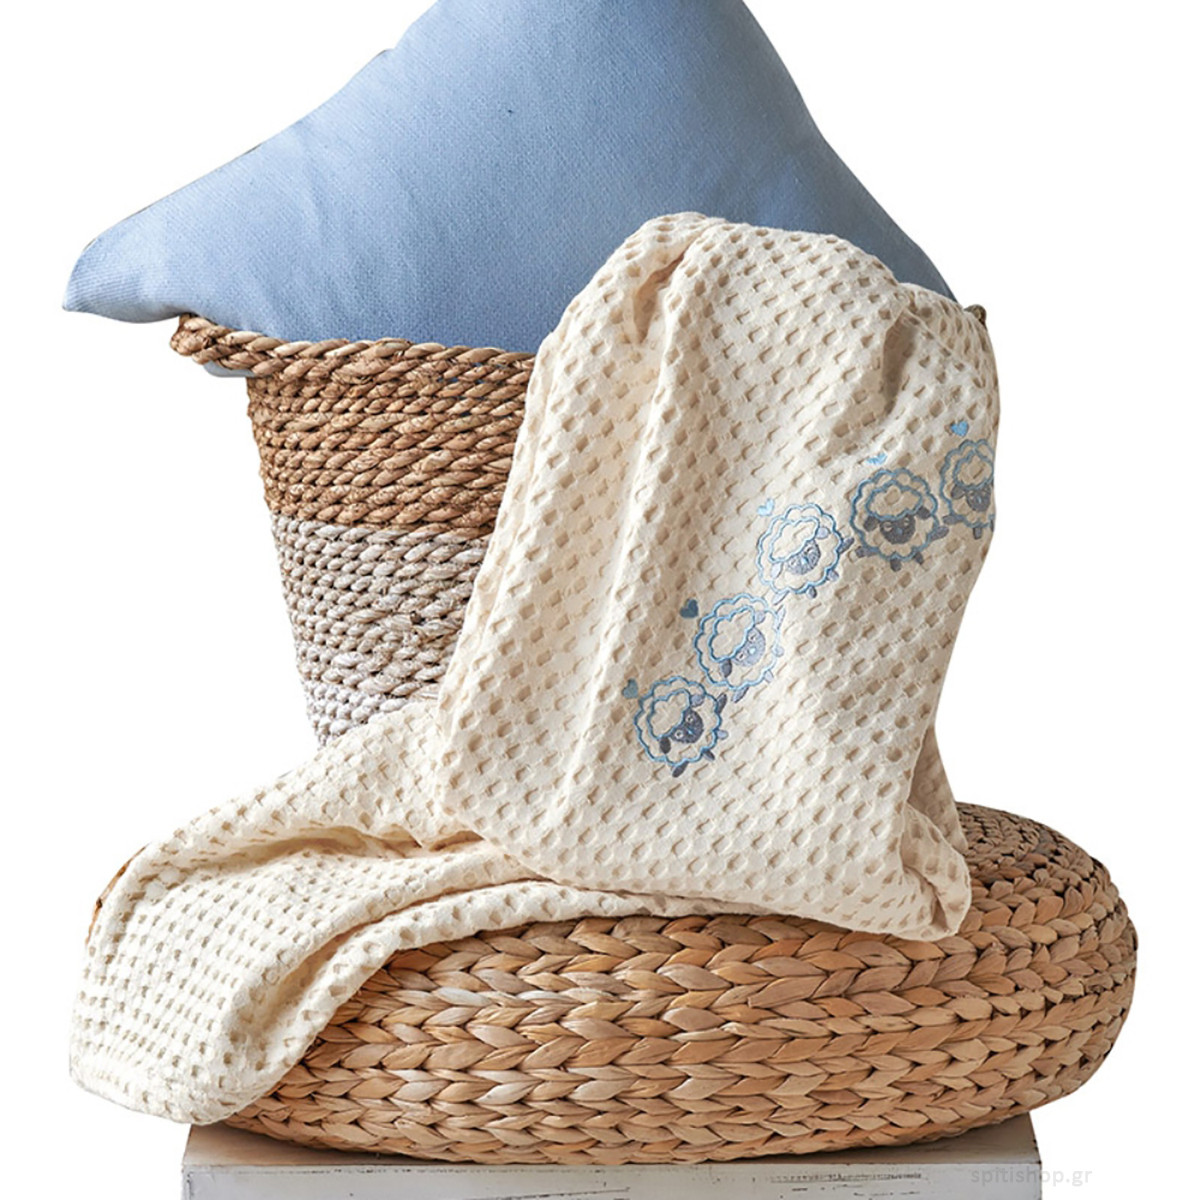 Κουβέρτα Πικέ Κούνιας Kentia Baby Lester home   βρεφικά   κουβέρτες βρεφικές   κουβέρτες καλοκαιρινές